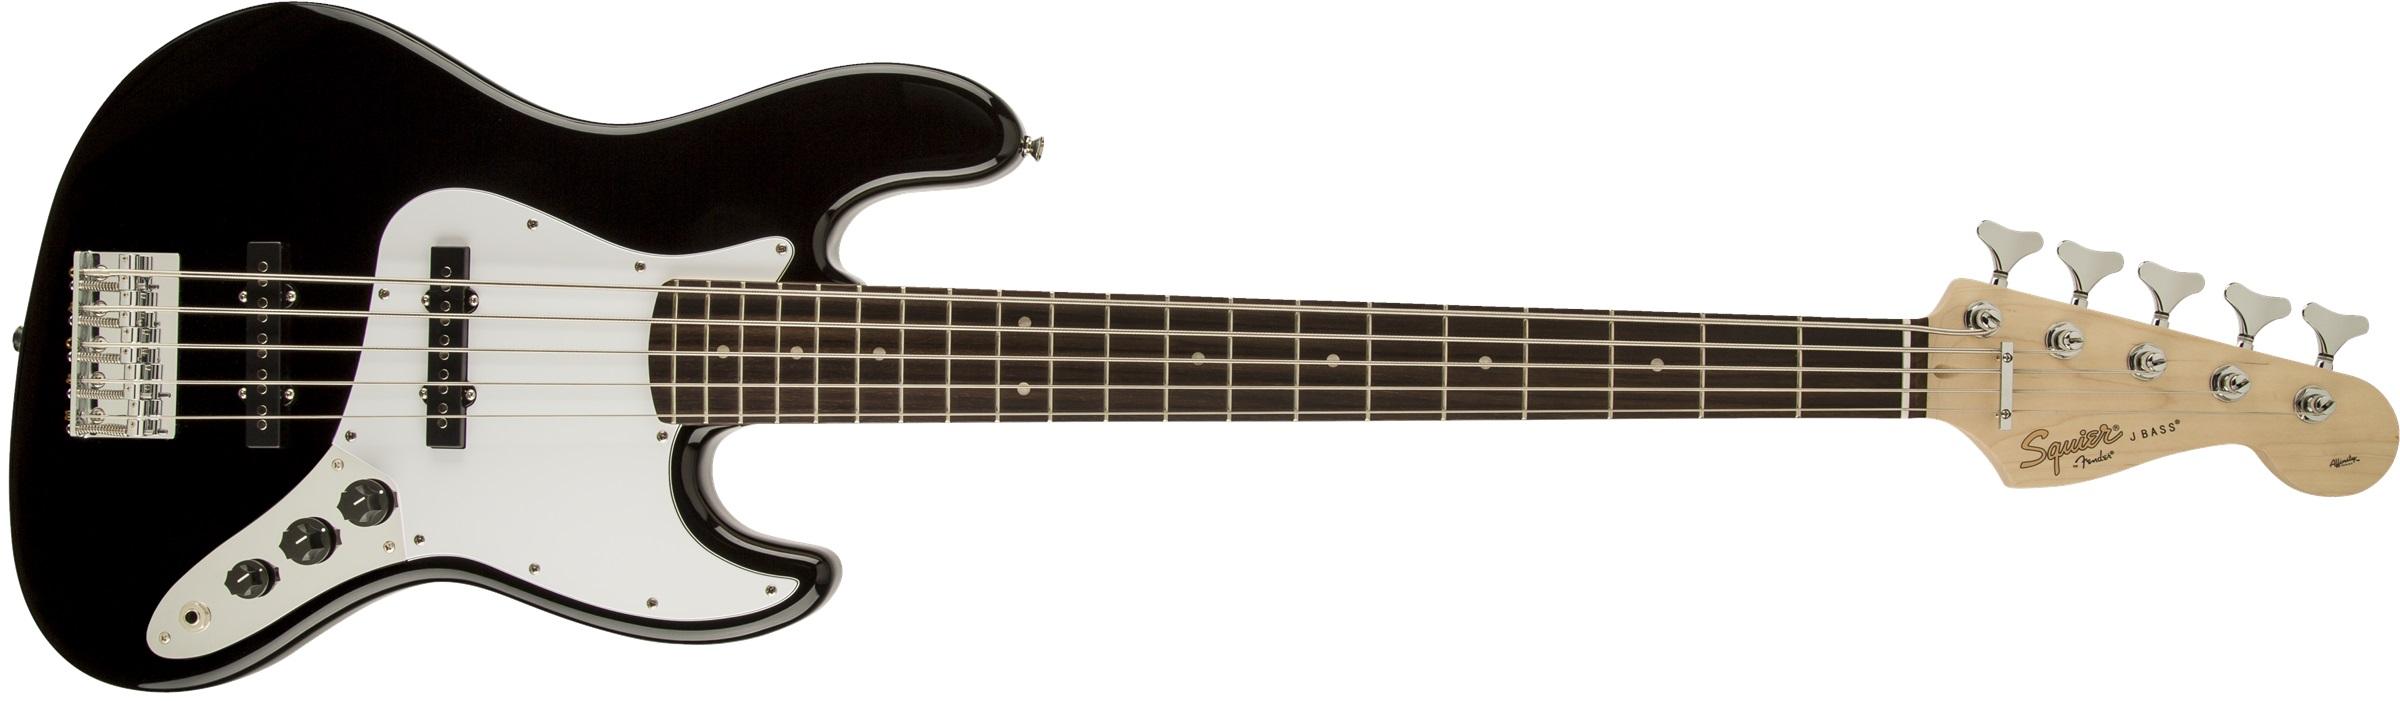 Fender Squier Affinity Jazz Bass V RW BK